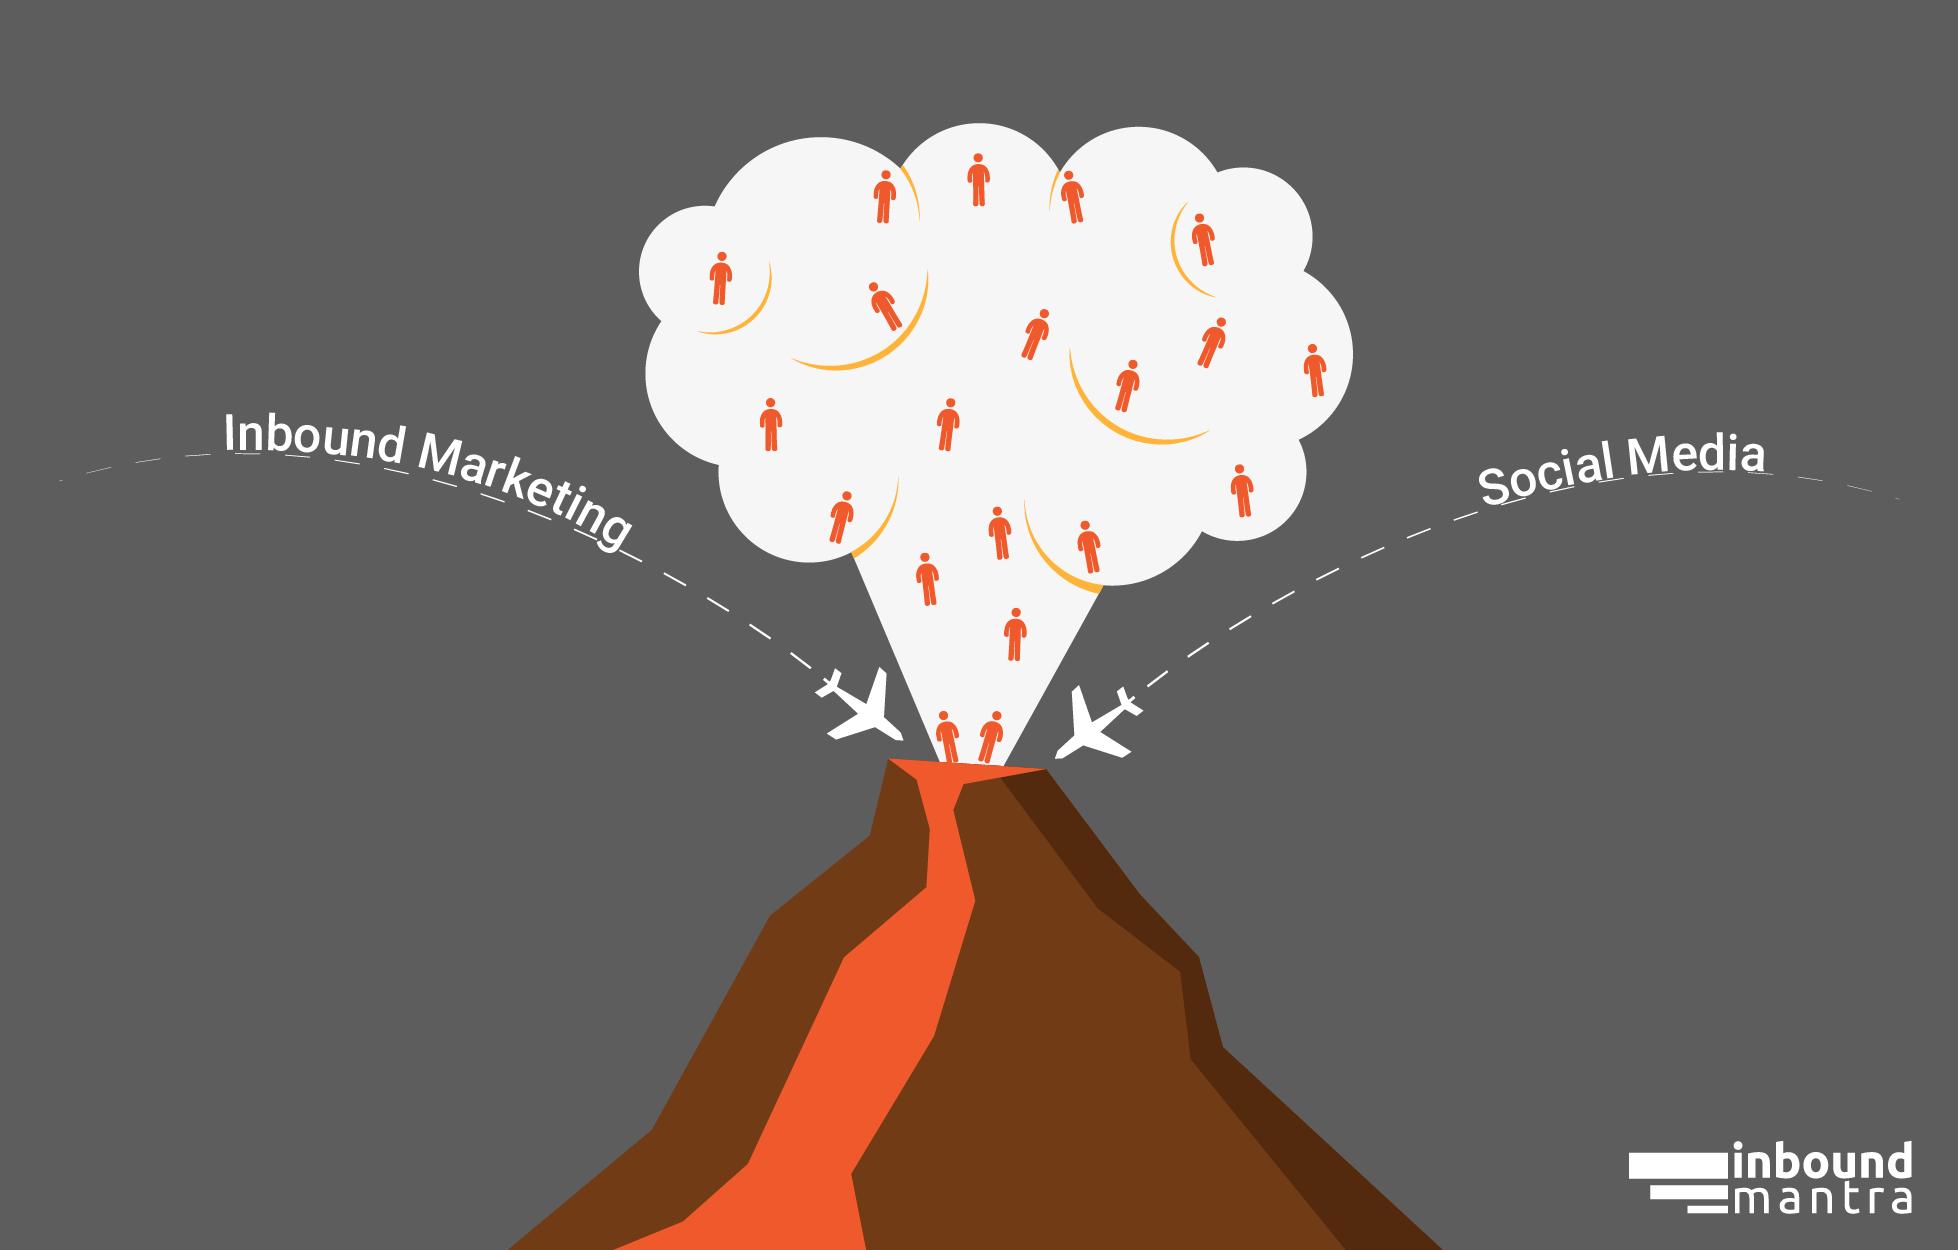 Inbound Marketing + Social Media = Higher Lead Generation